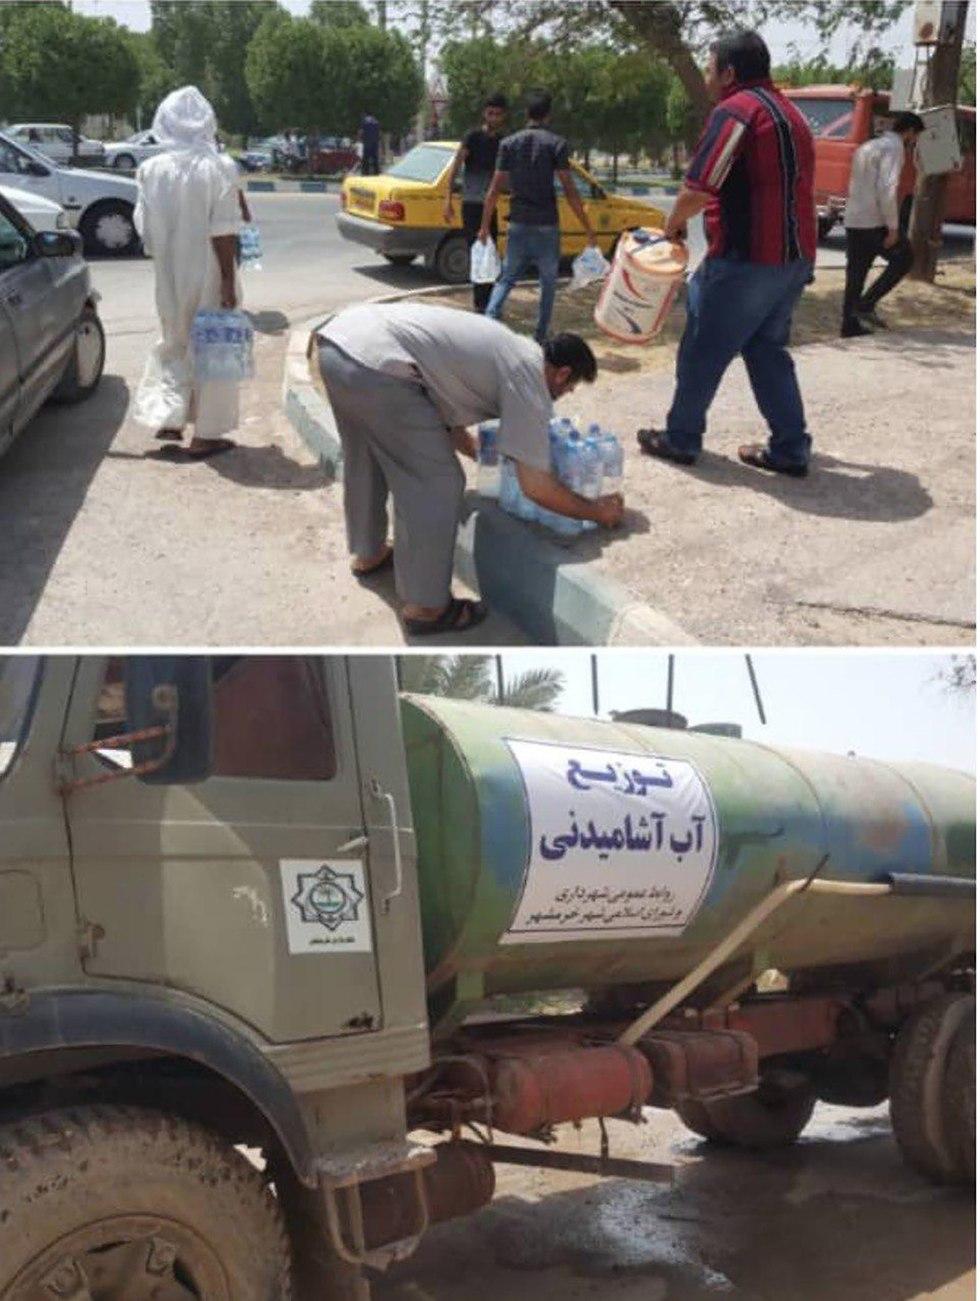 חלוקת מים מחסור ח'וראמשהר מחאה ב איראן מחמרה ()